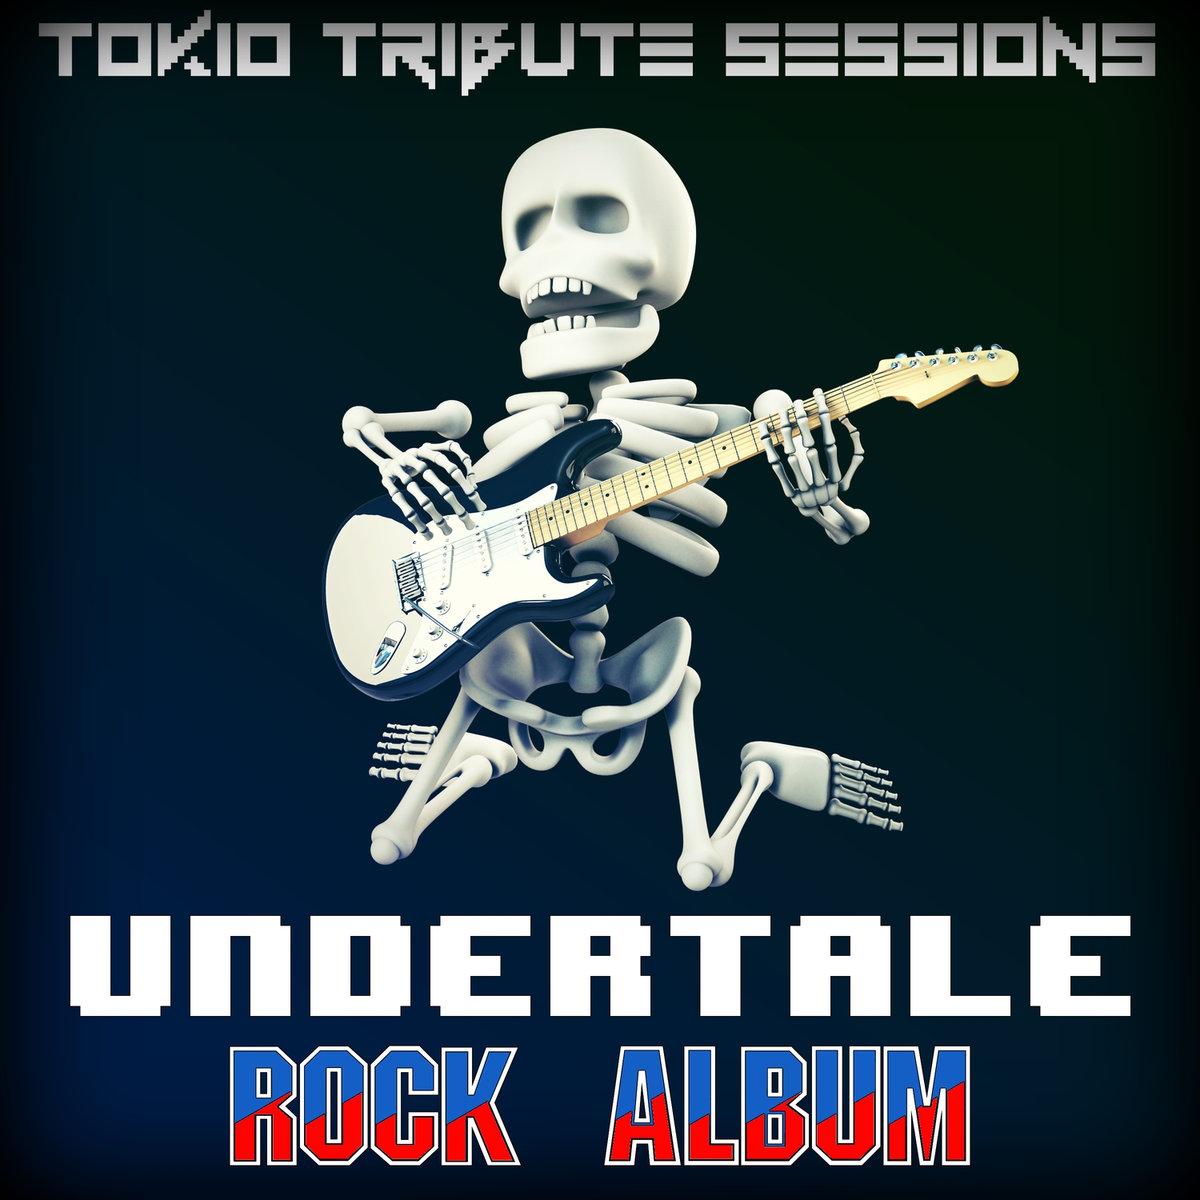 Undertale Rock Album From